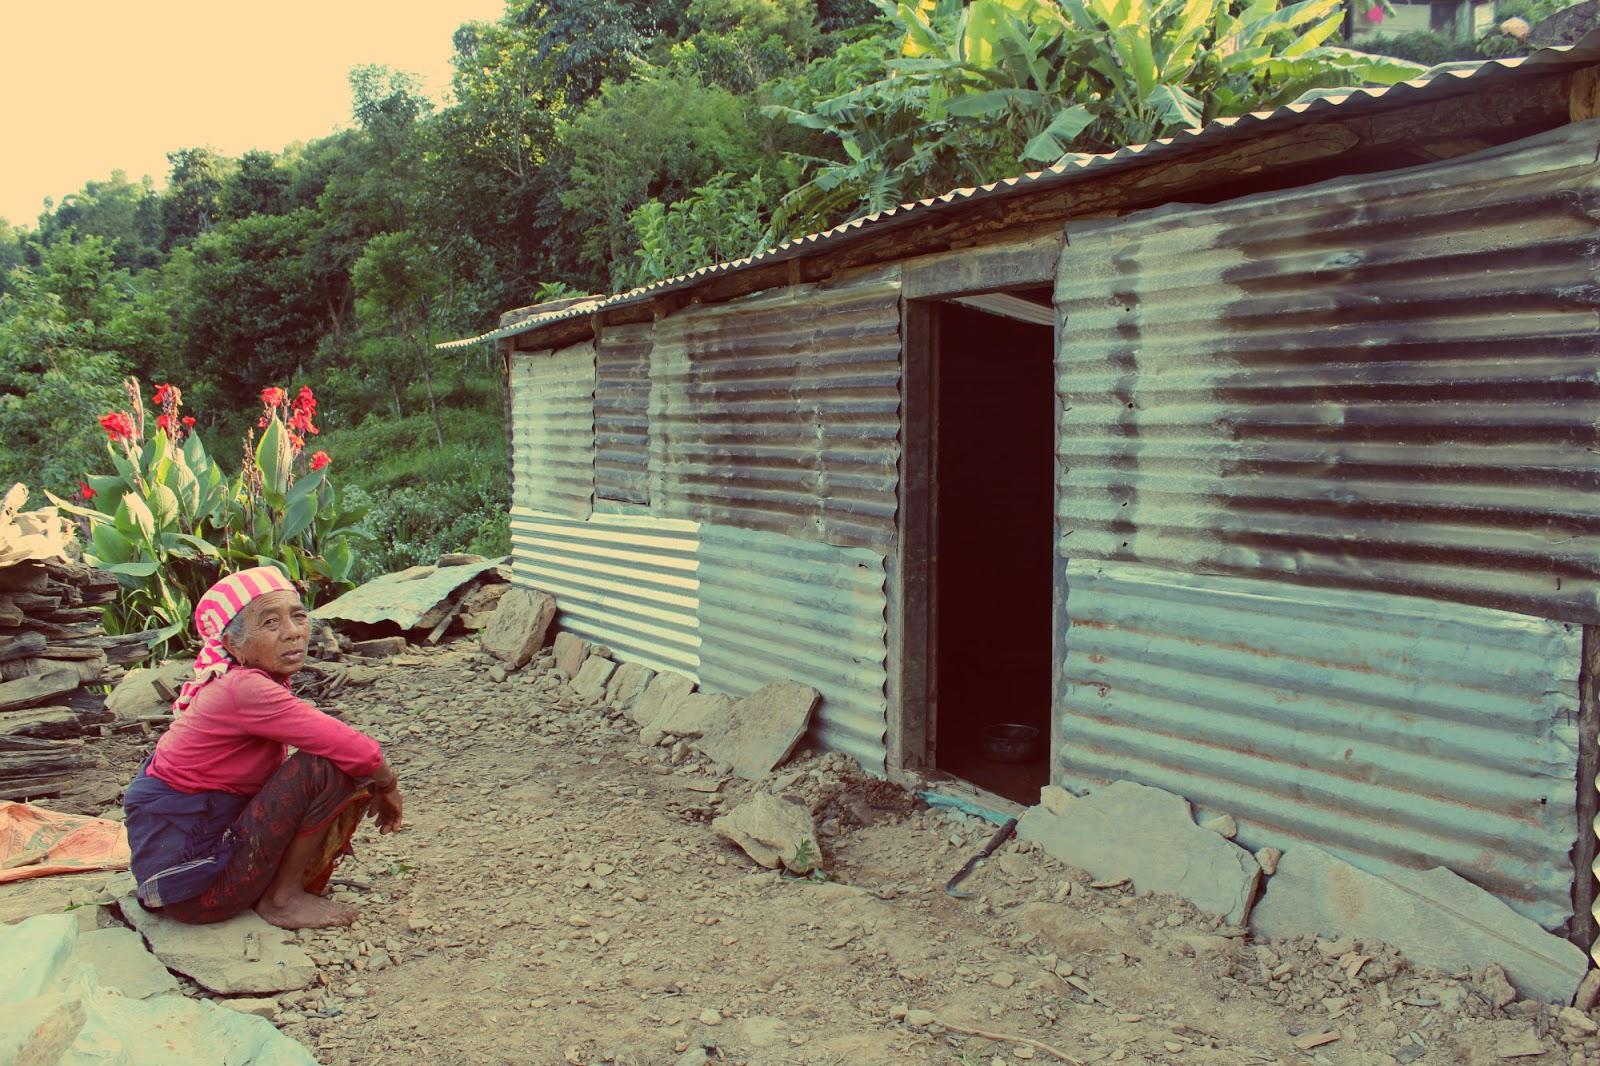 बैंकले काट्यो लमजुङका भूकम्पपीडितको रकम